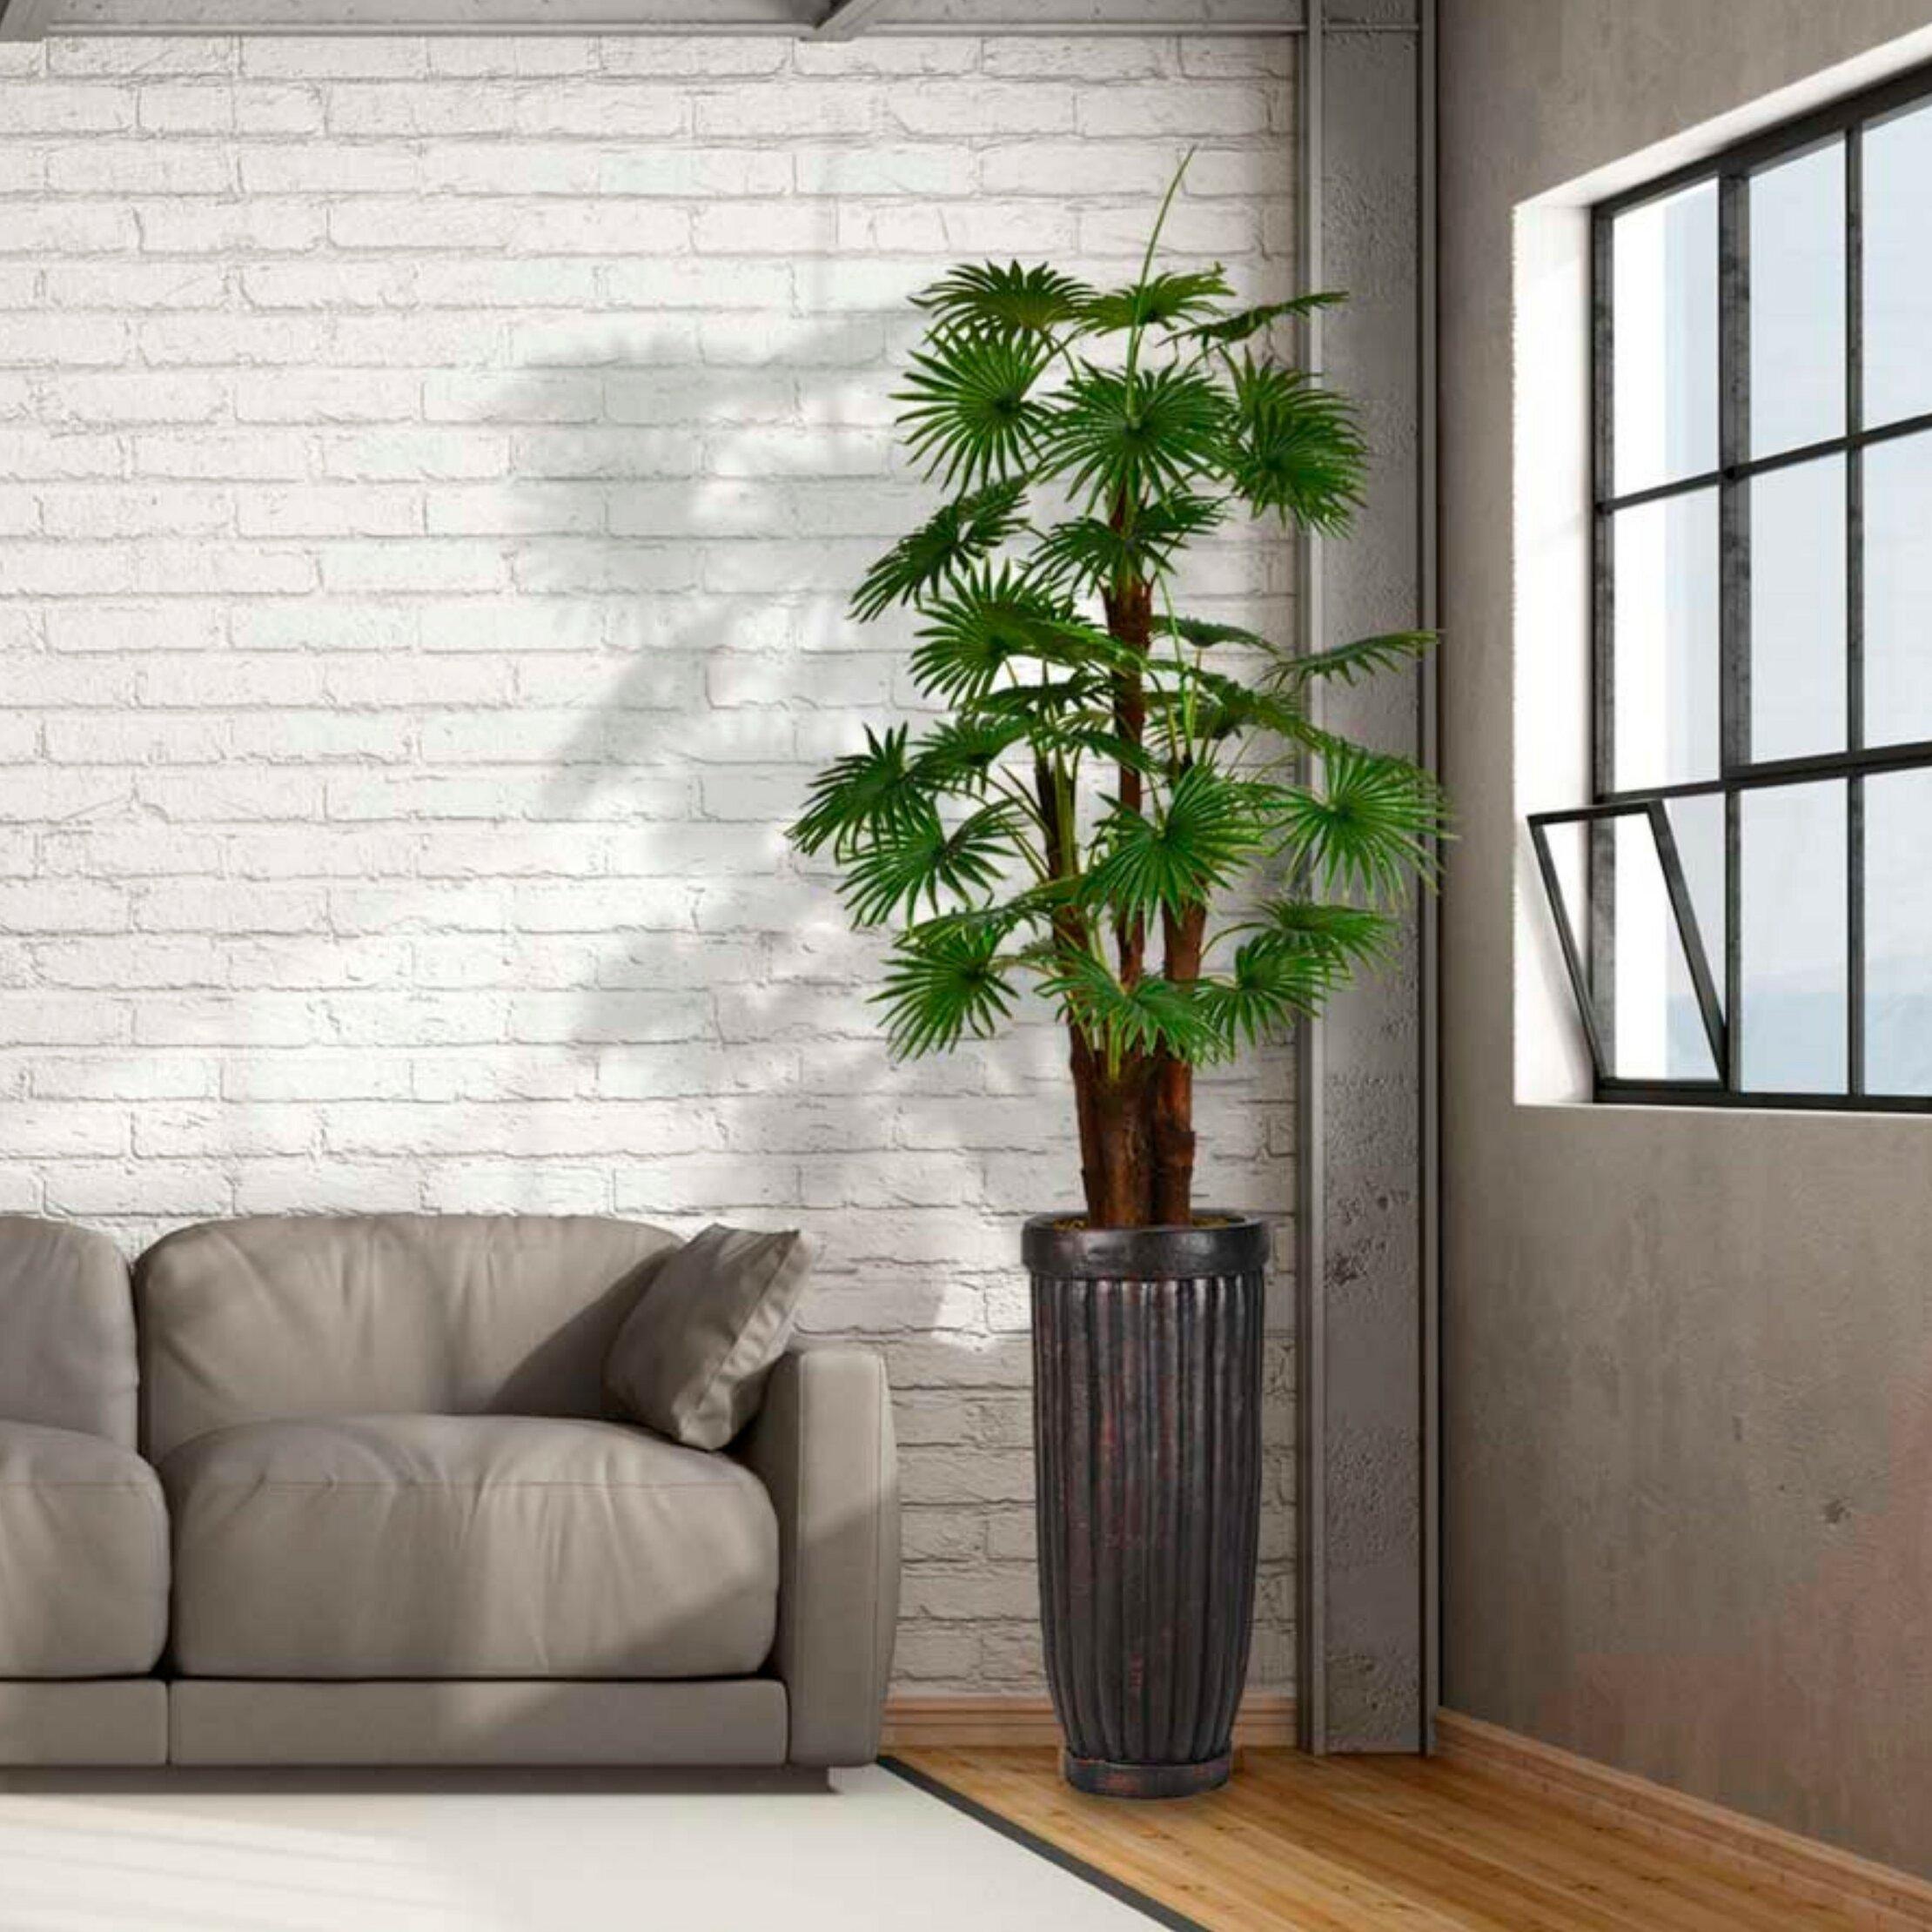 Red Barrel Studio Artificial Indoor Outdoor Décor Floor Palm Tree In Planter Wayfair